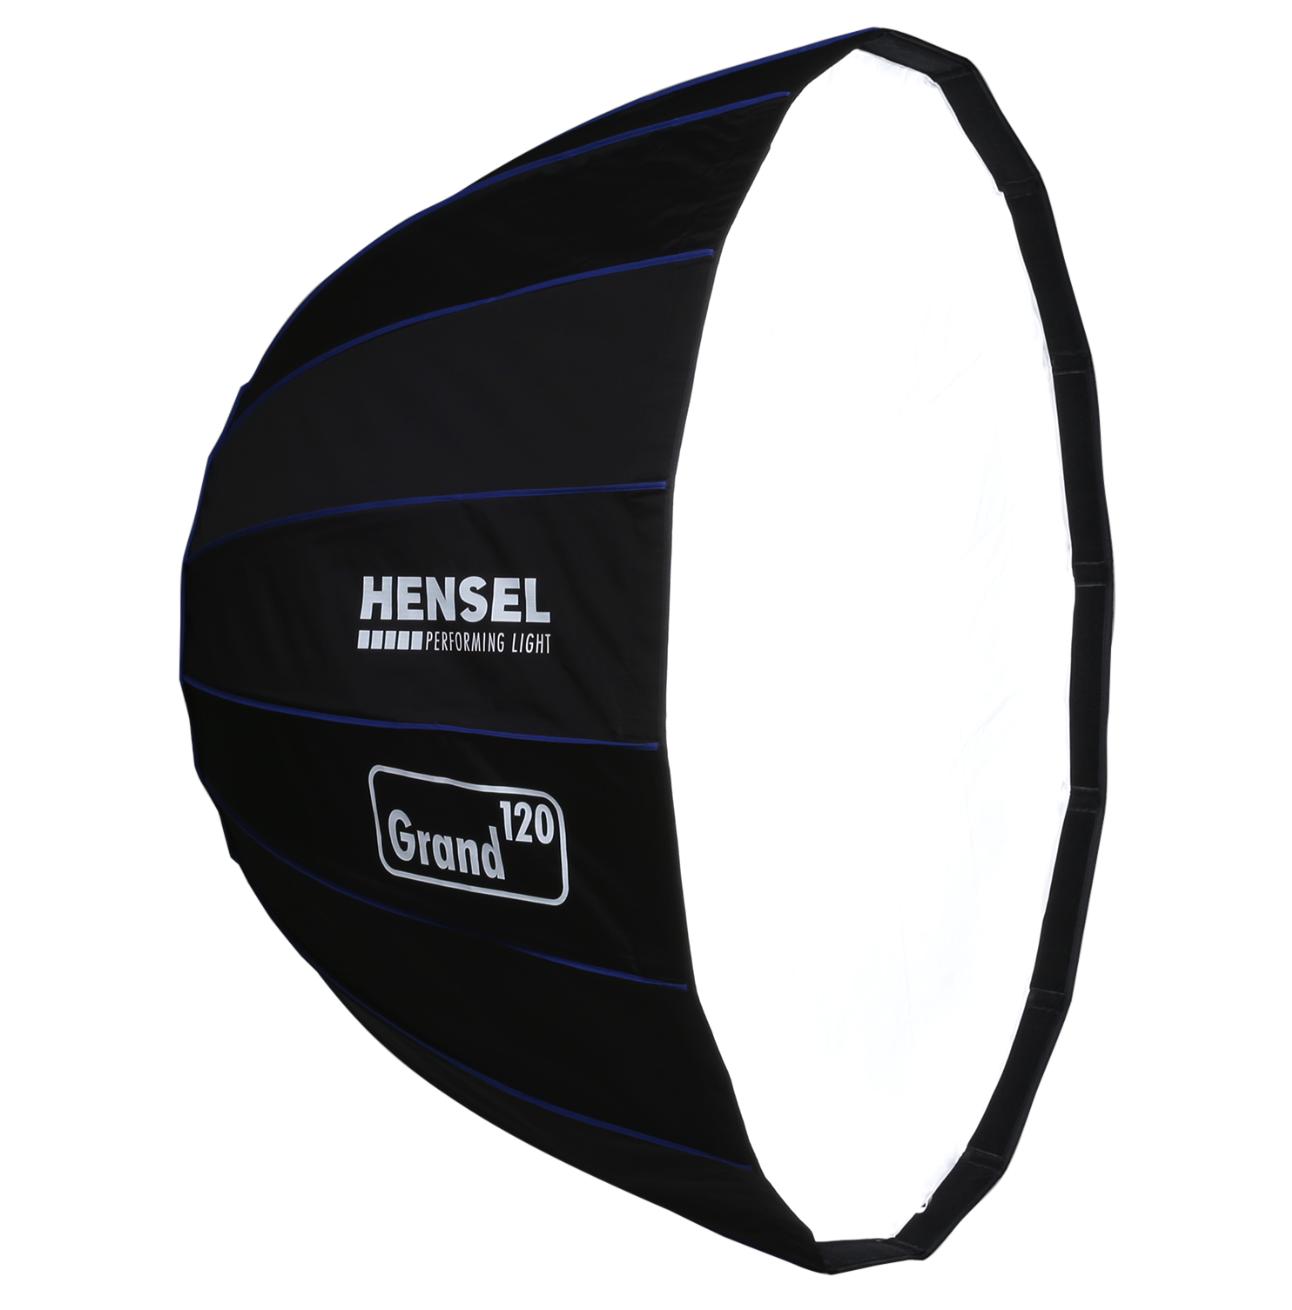 Hensel Grand 120 - Hensel Grand 120cm.Dagspris: 400,- eks. mva.